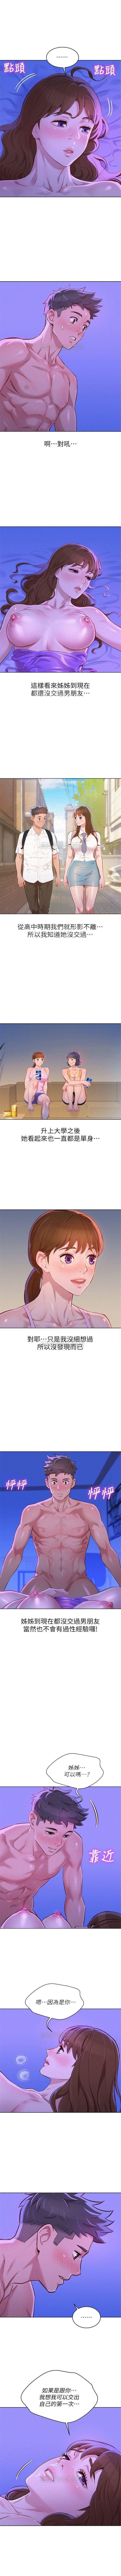 (周7)漂亮干姐姐  1-81 中文翻译 (更新中) 426